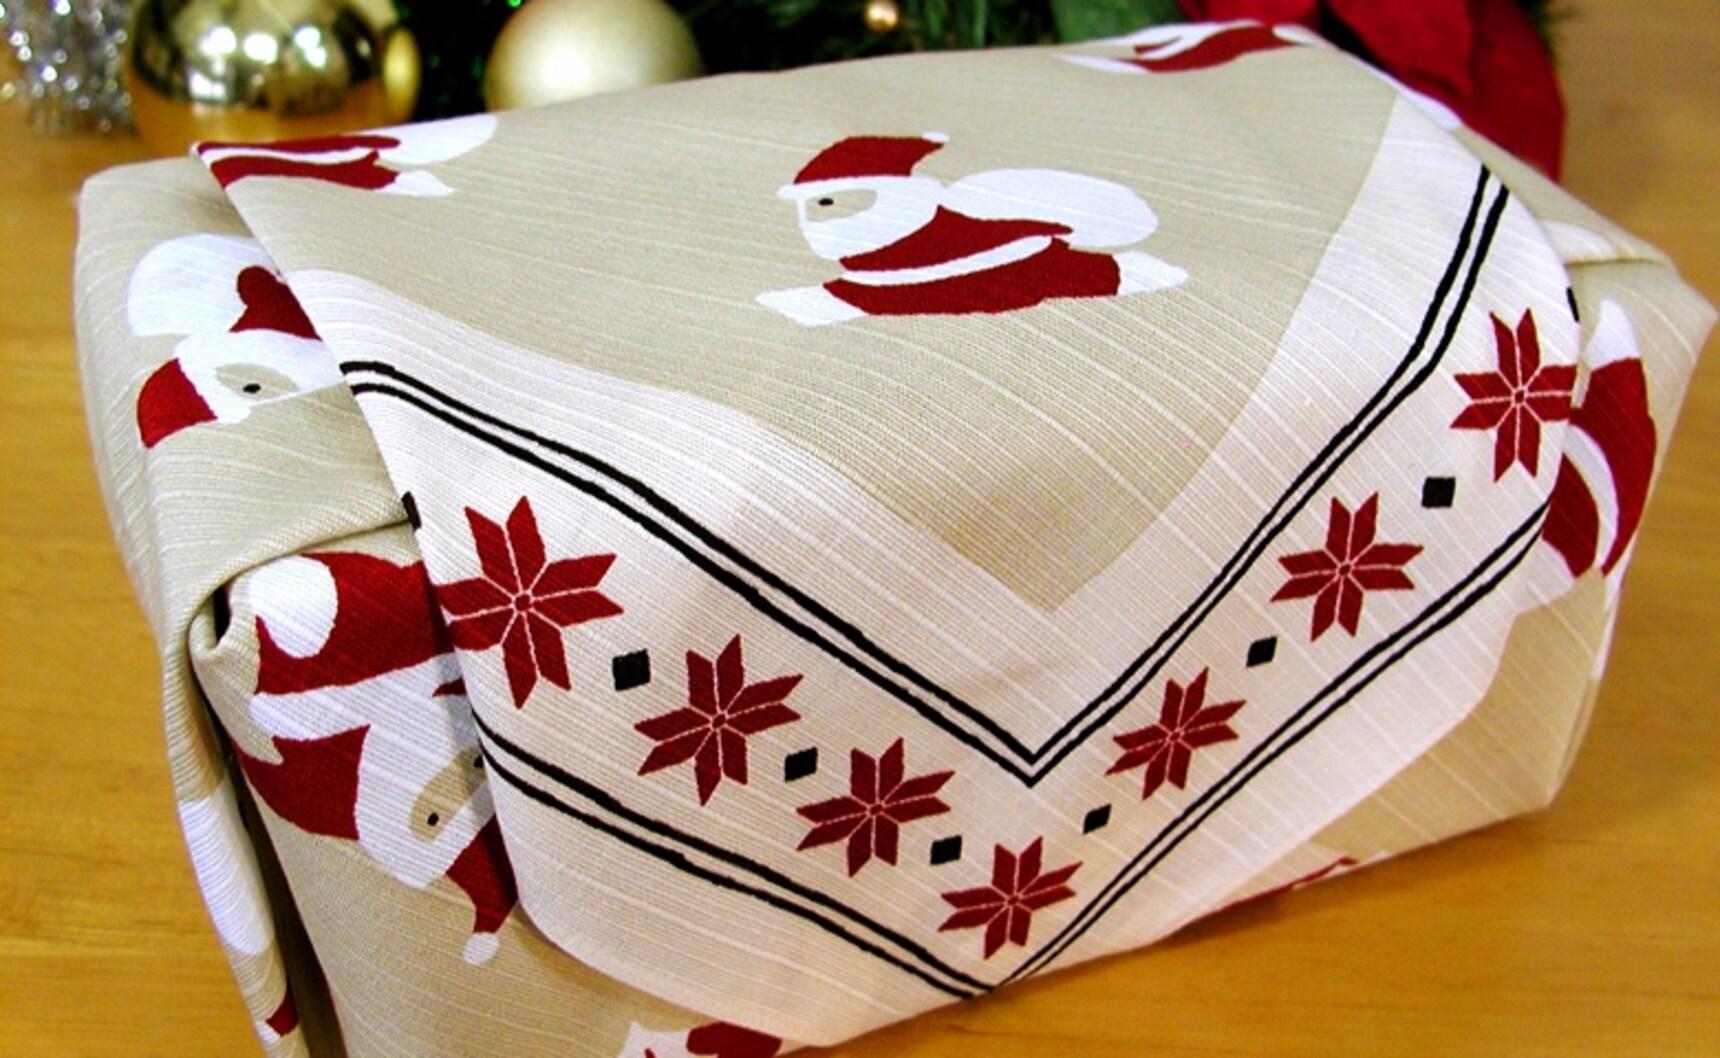 6 ซานตาคลอสกับของใช้ดั้งเดิมของญี่ปุ่น